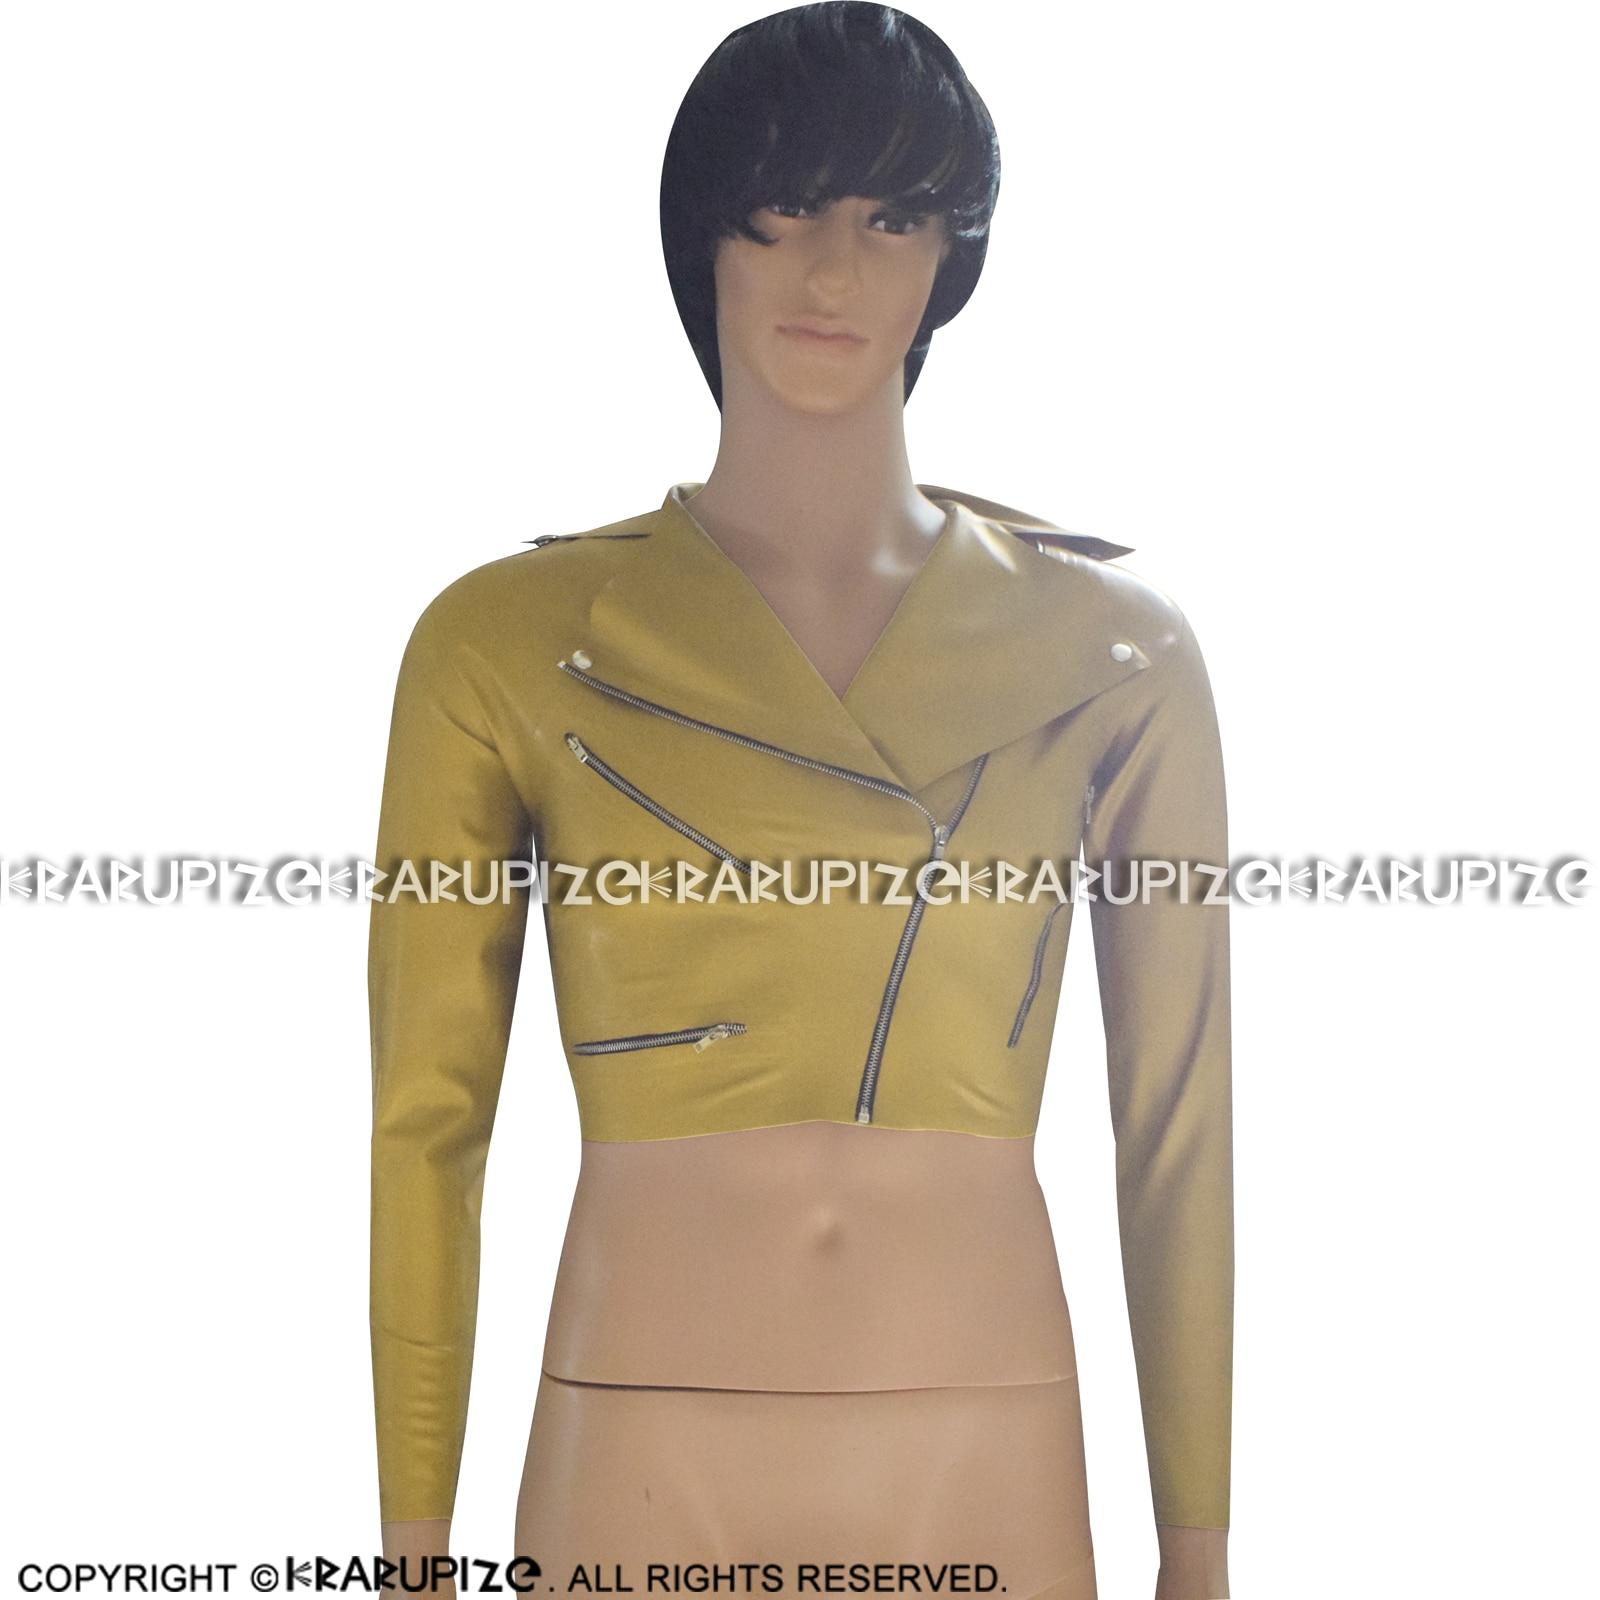 Cabolsa de Borracha com Zíper e Botões Dourado Sexy Curto Látex Jaqueta Turn Down Collar Roupas Terno Vestuário Superior Yf-0048